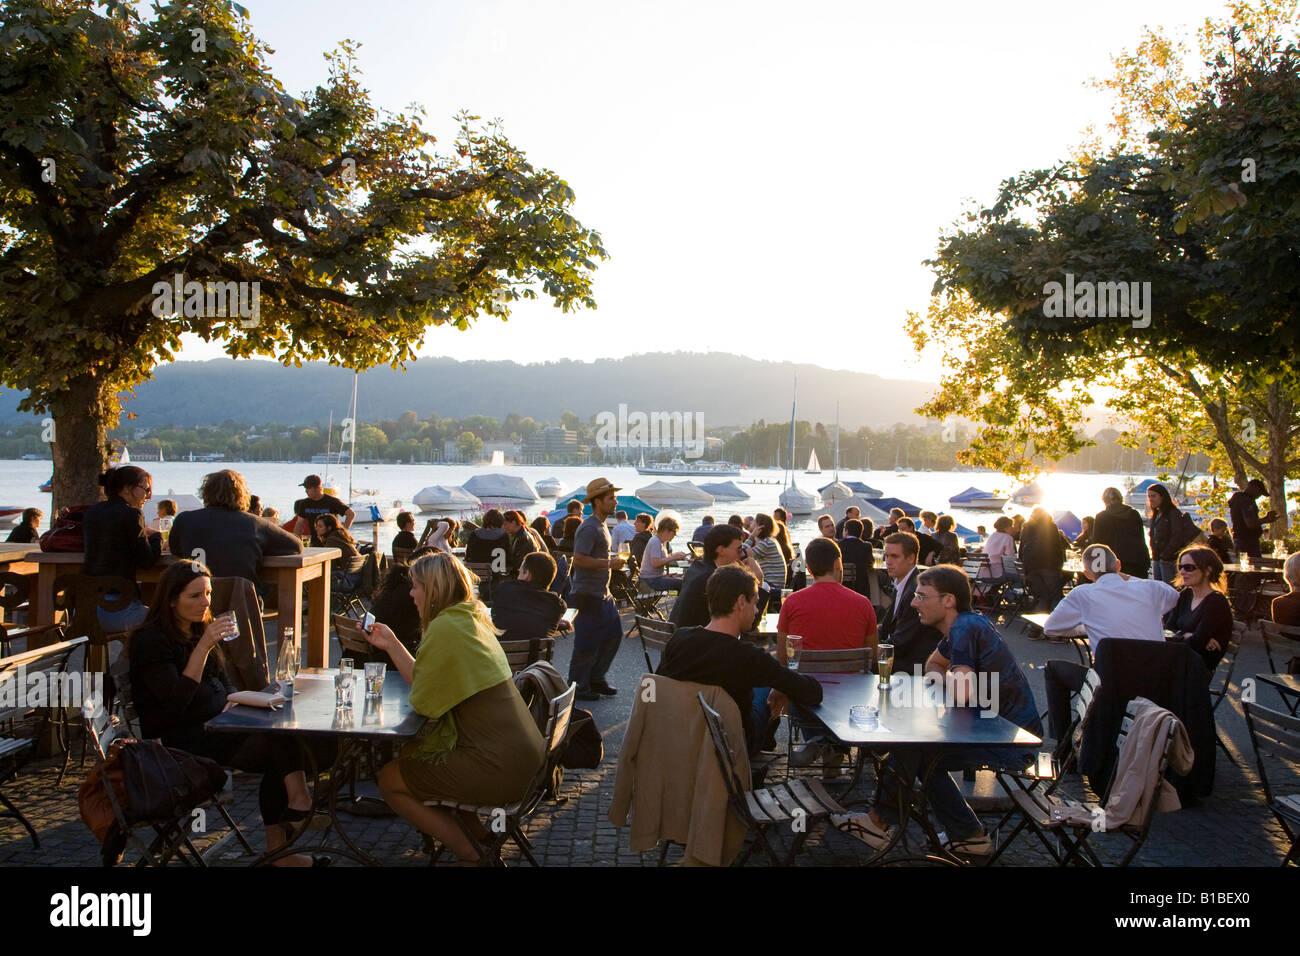 Switzerland, Zurich, Seefeldquai, beer garden and Lake Zurich - Stock Image